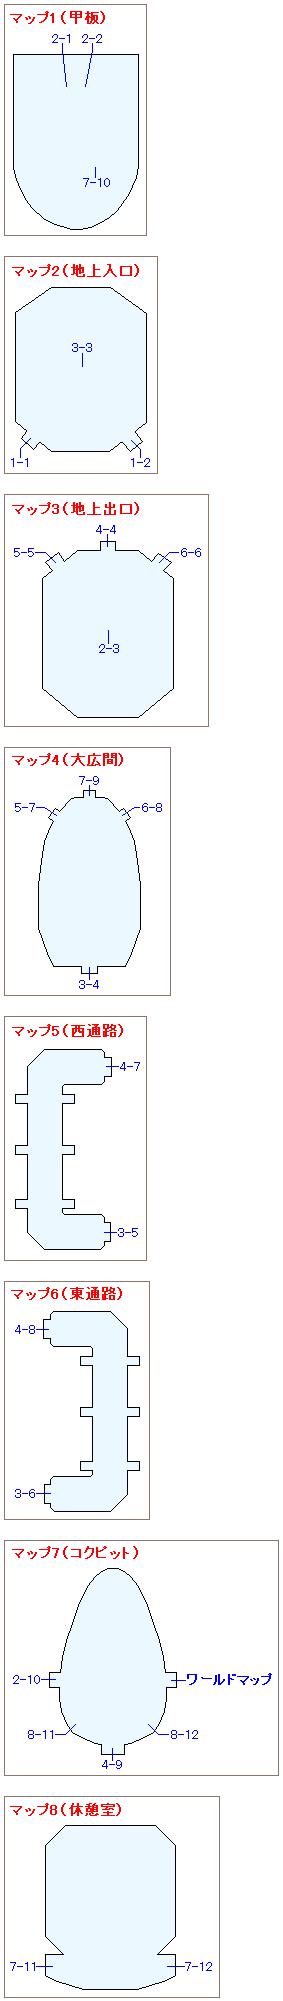 方舟のマップ画像